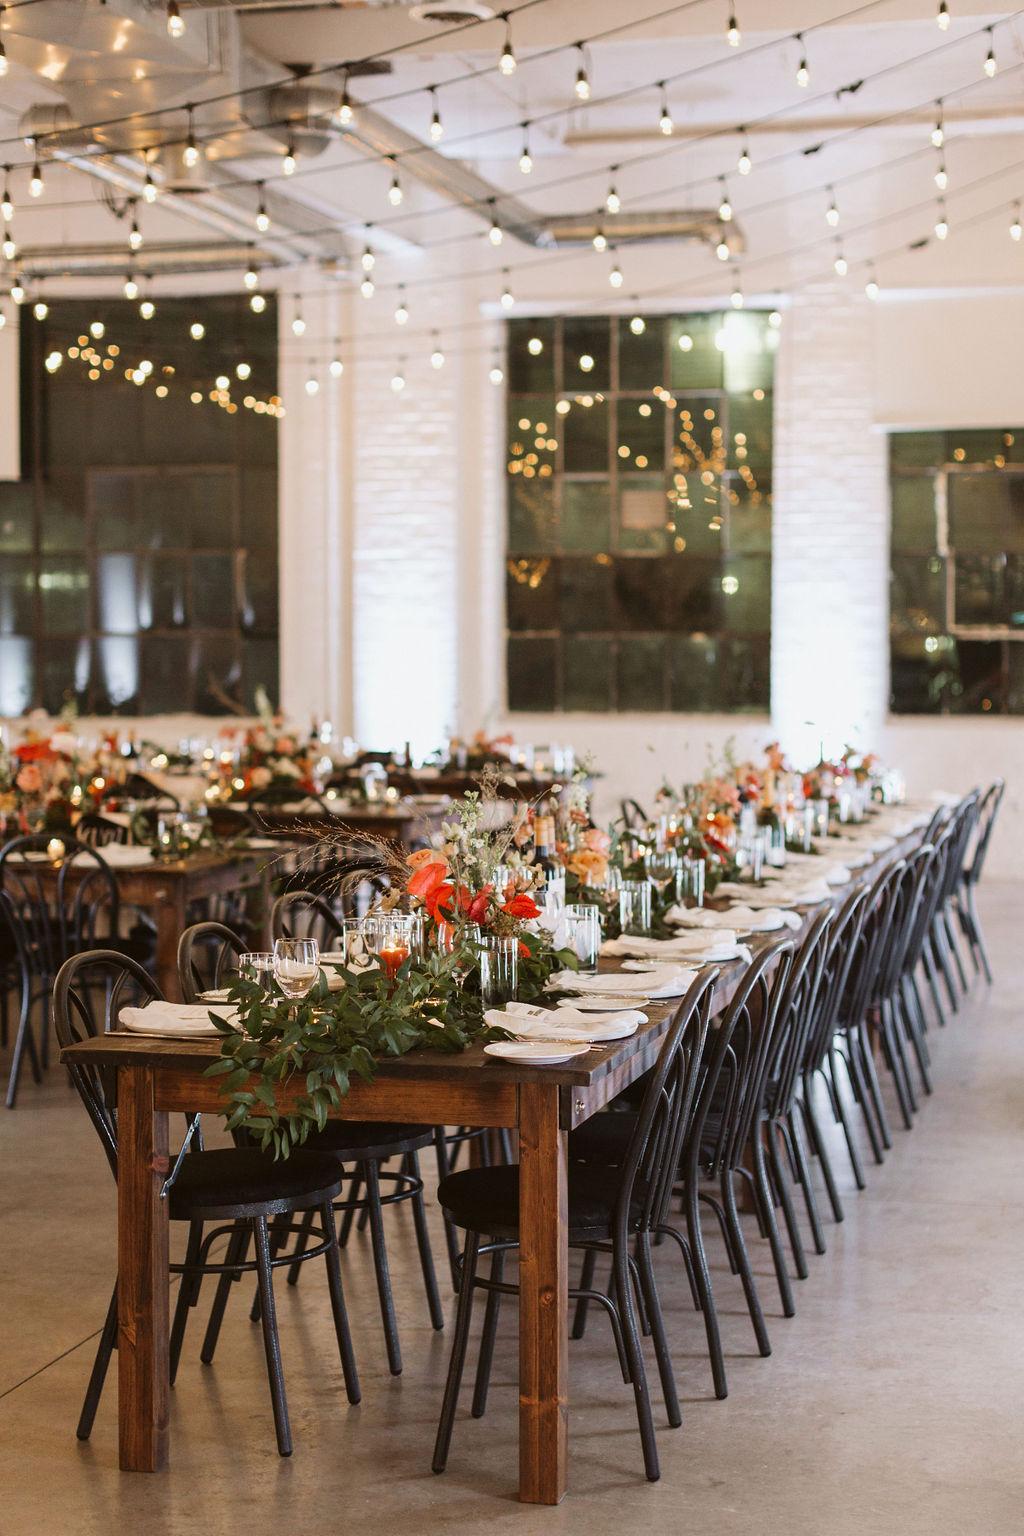 kristina+ryan_toronto+winter+wedding-639.jpg